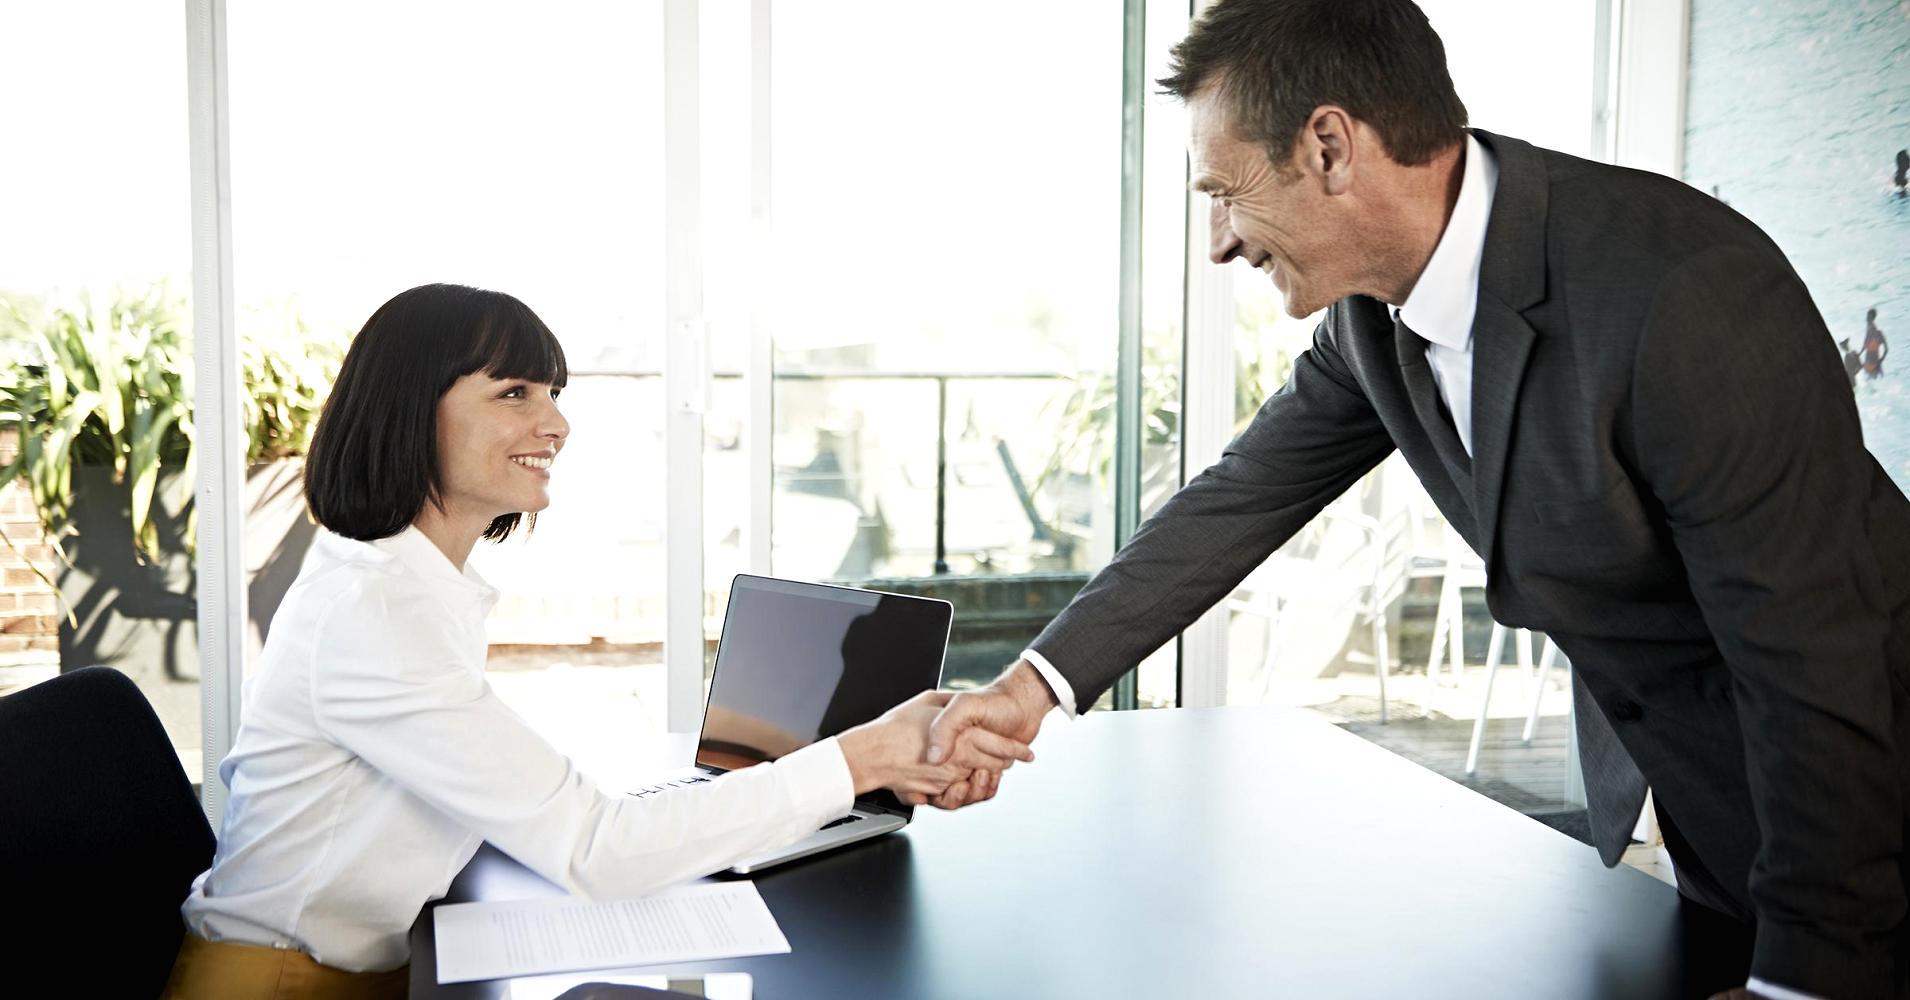 como comportarse en una entrevista de trabajo